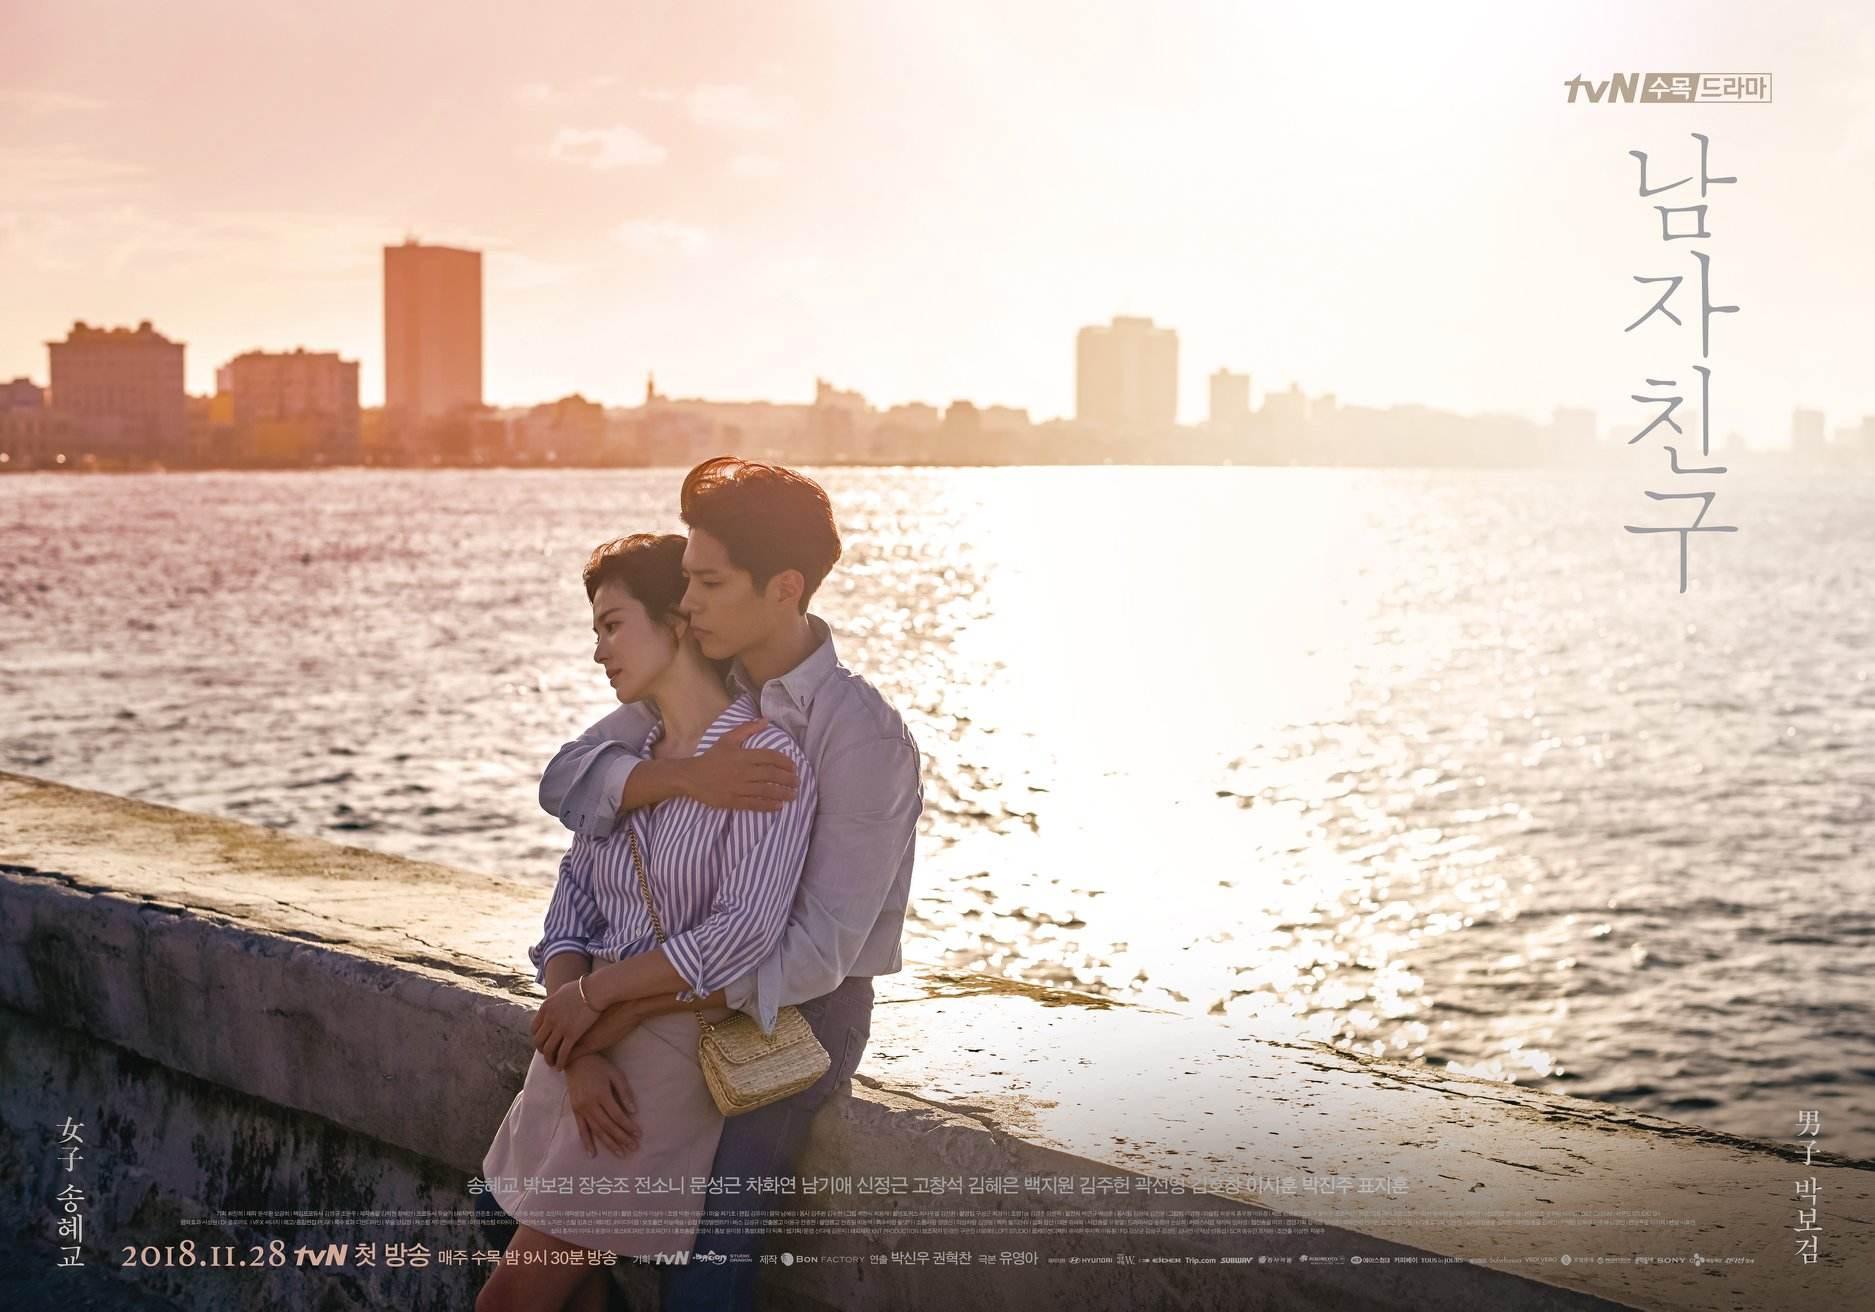 由朴寶劍、宋慧喬主演的韓劇《男朋友》即將於11月28日播出啦~~相信粉絲們都感到相當期待吧!